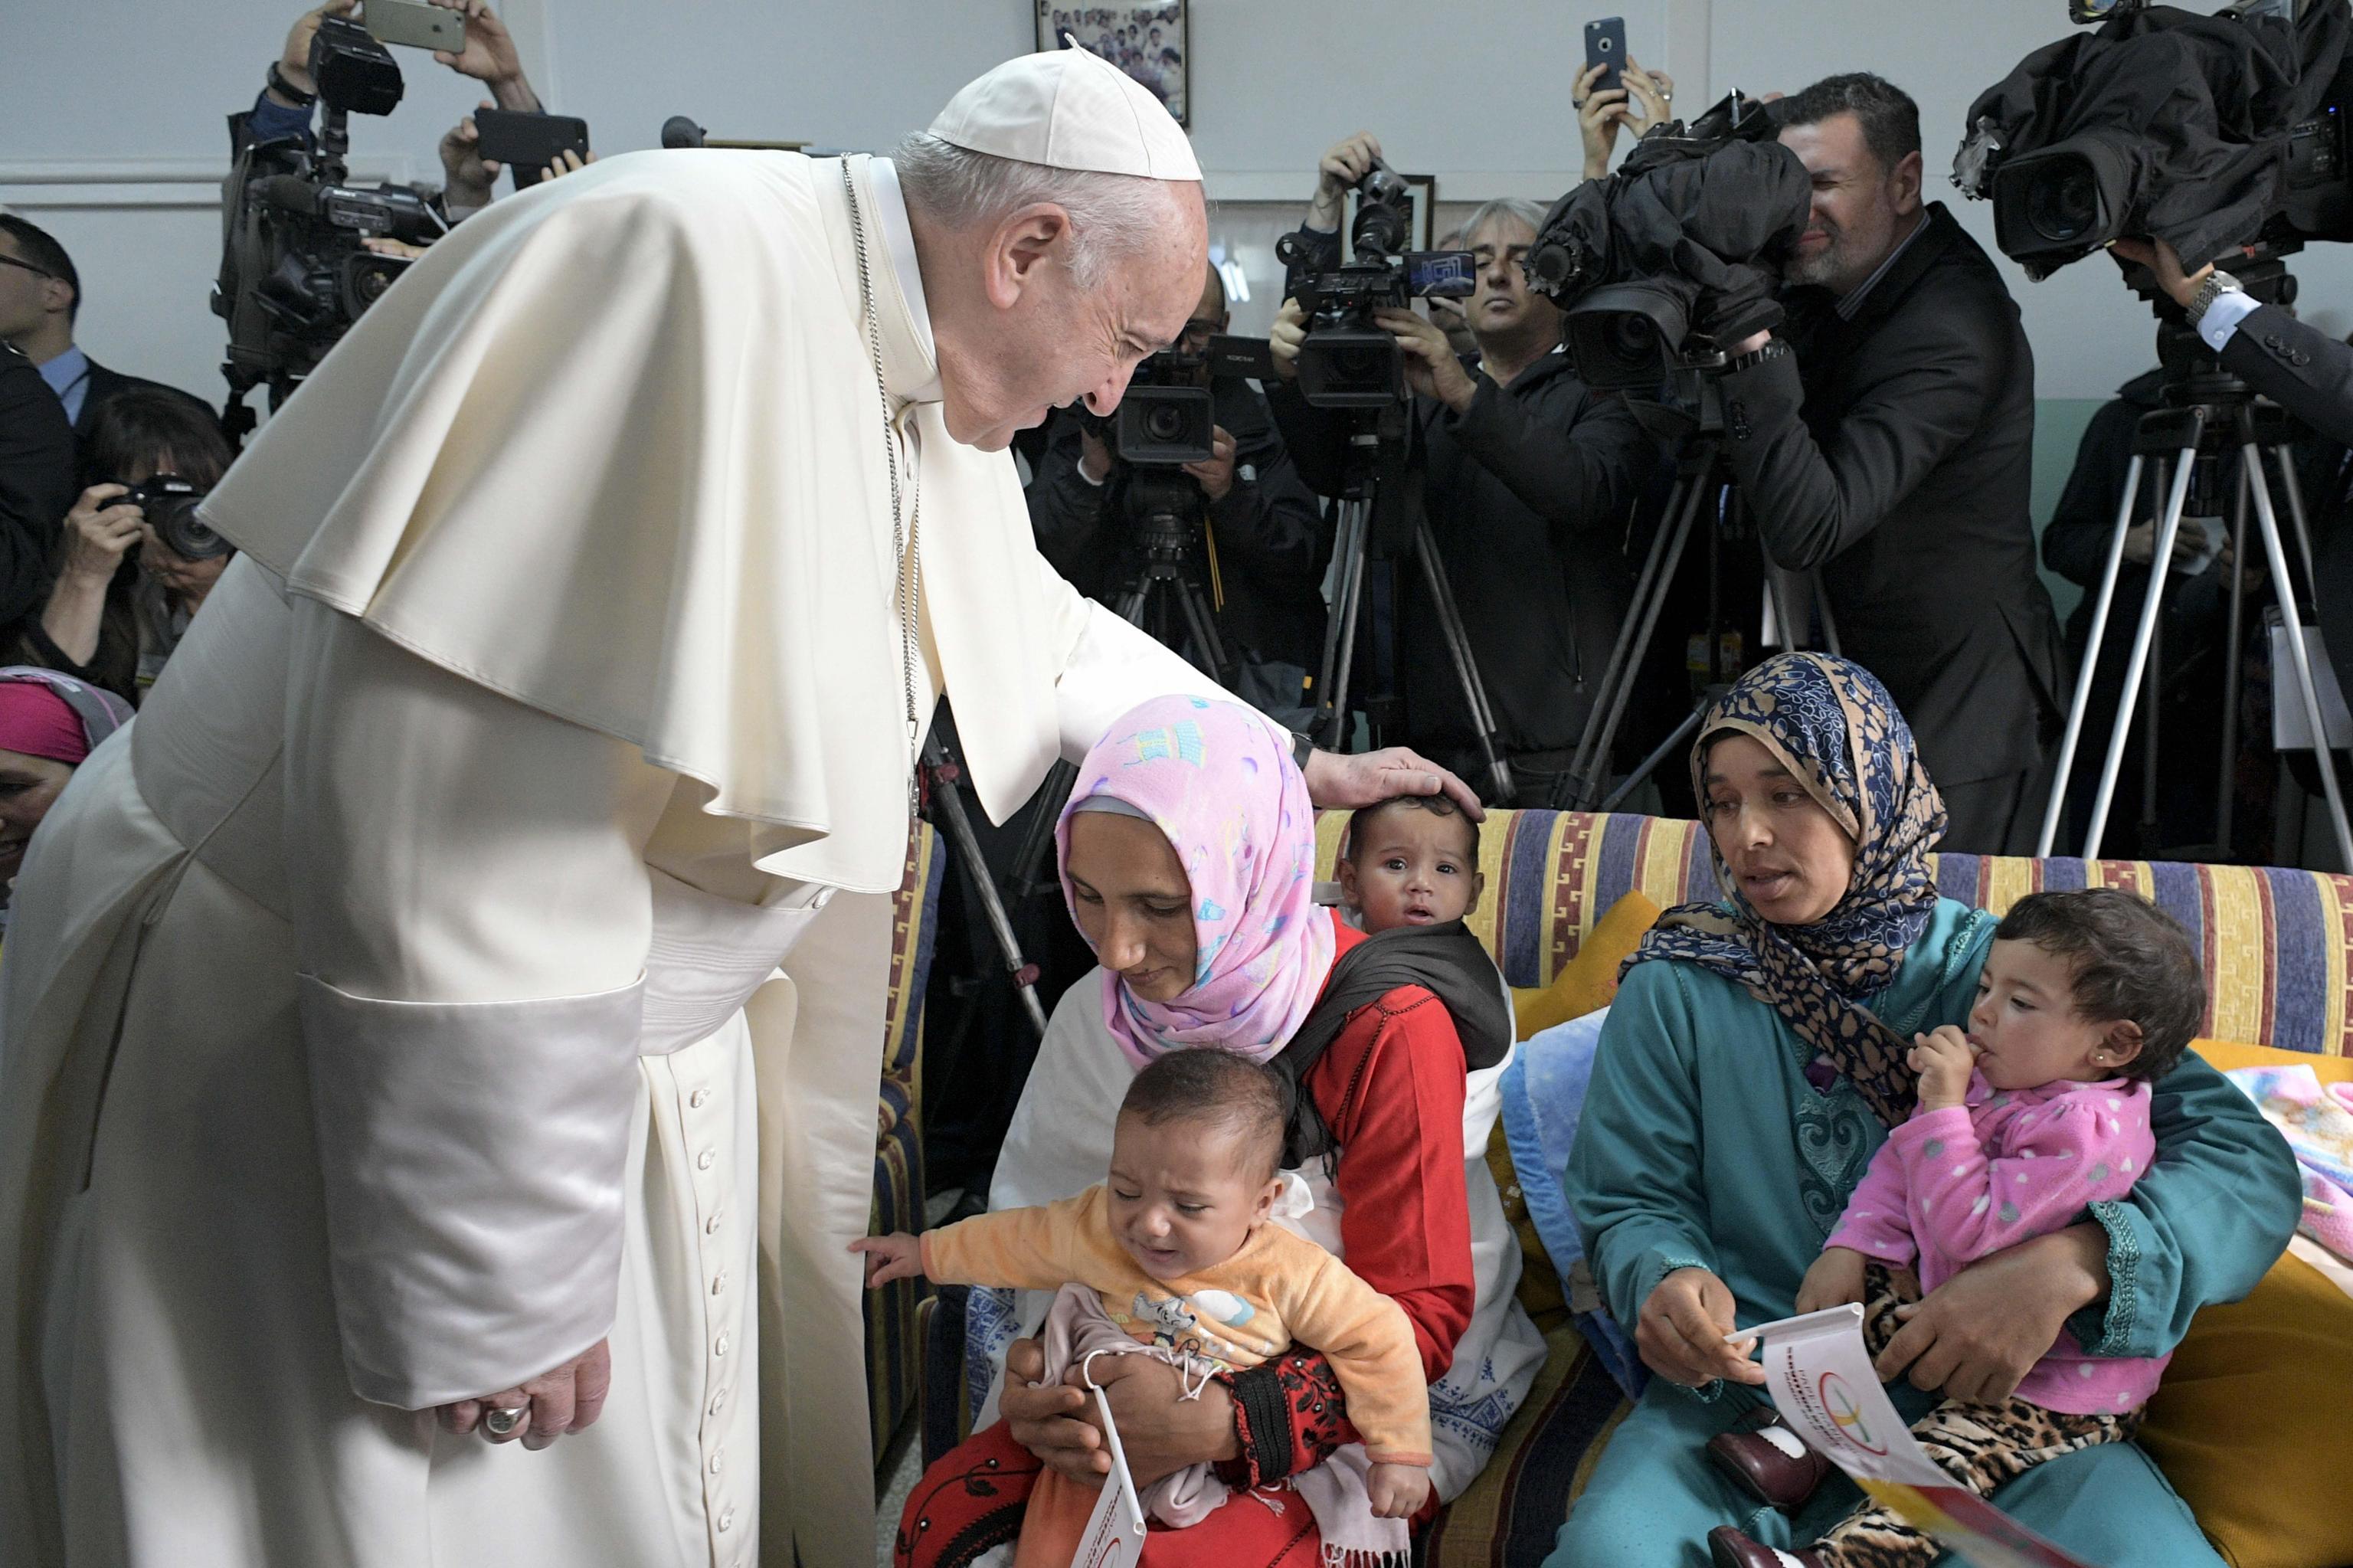 Papa Francisco à chegada ao Centro Rural de Serviços Sociais em Temara, no sul de Rabat, Marrocos, 31 de março de 2019. EPA / MÍDIA VATICANA